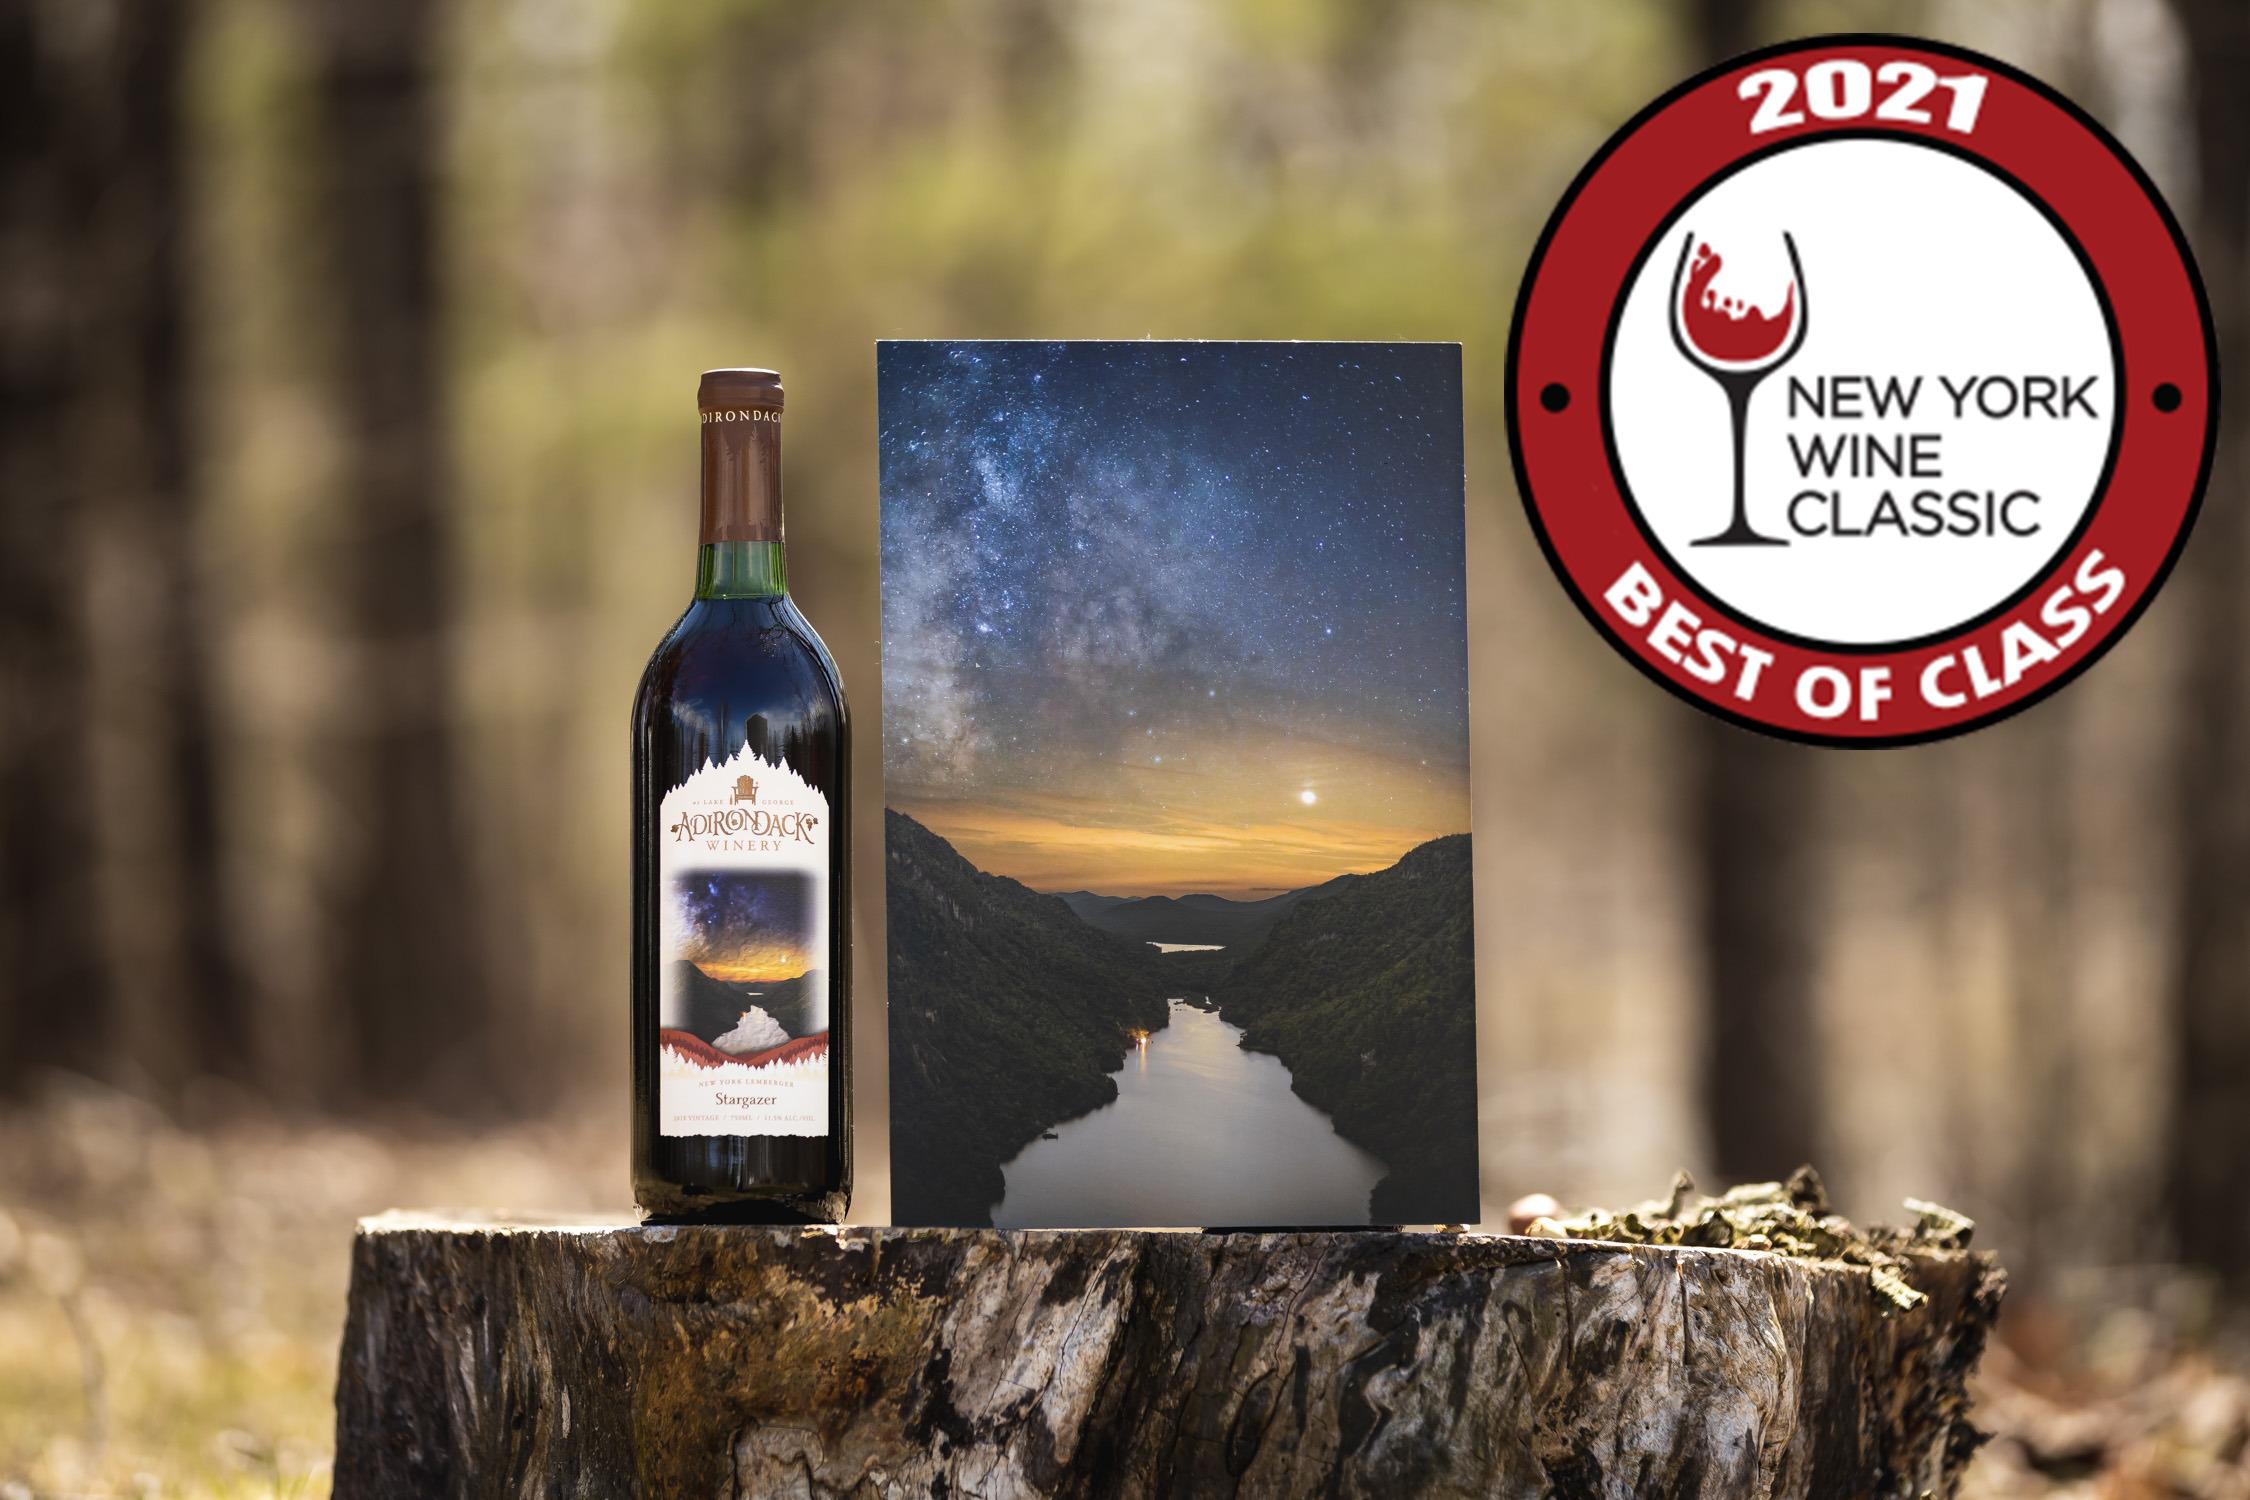 adirondack winery stargazer wine and photo best of new york